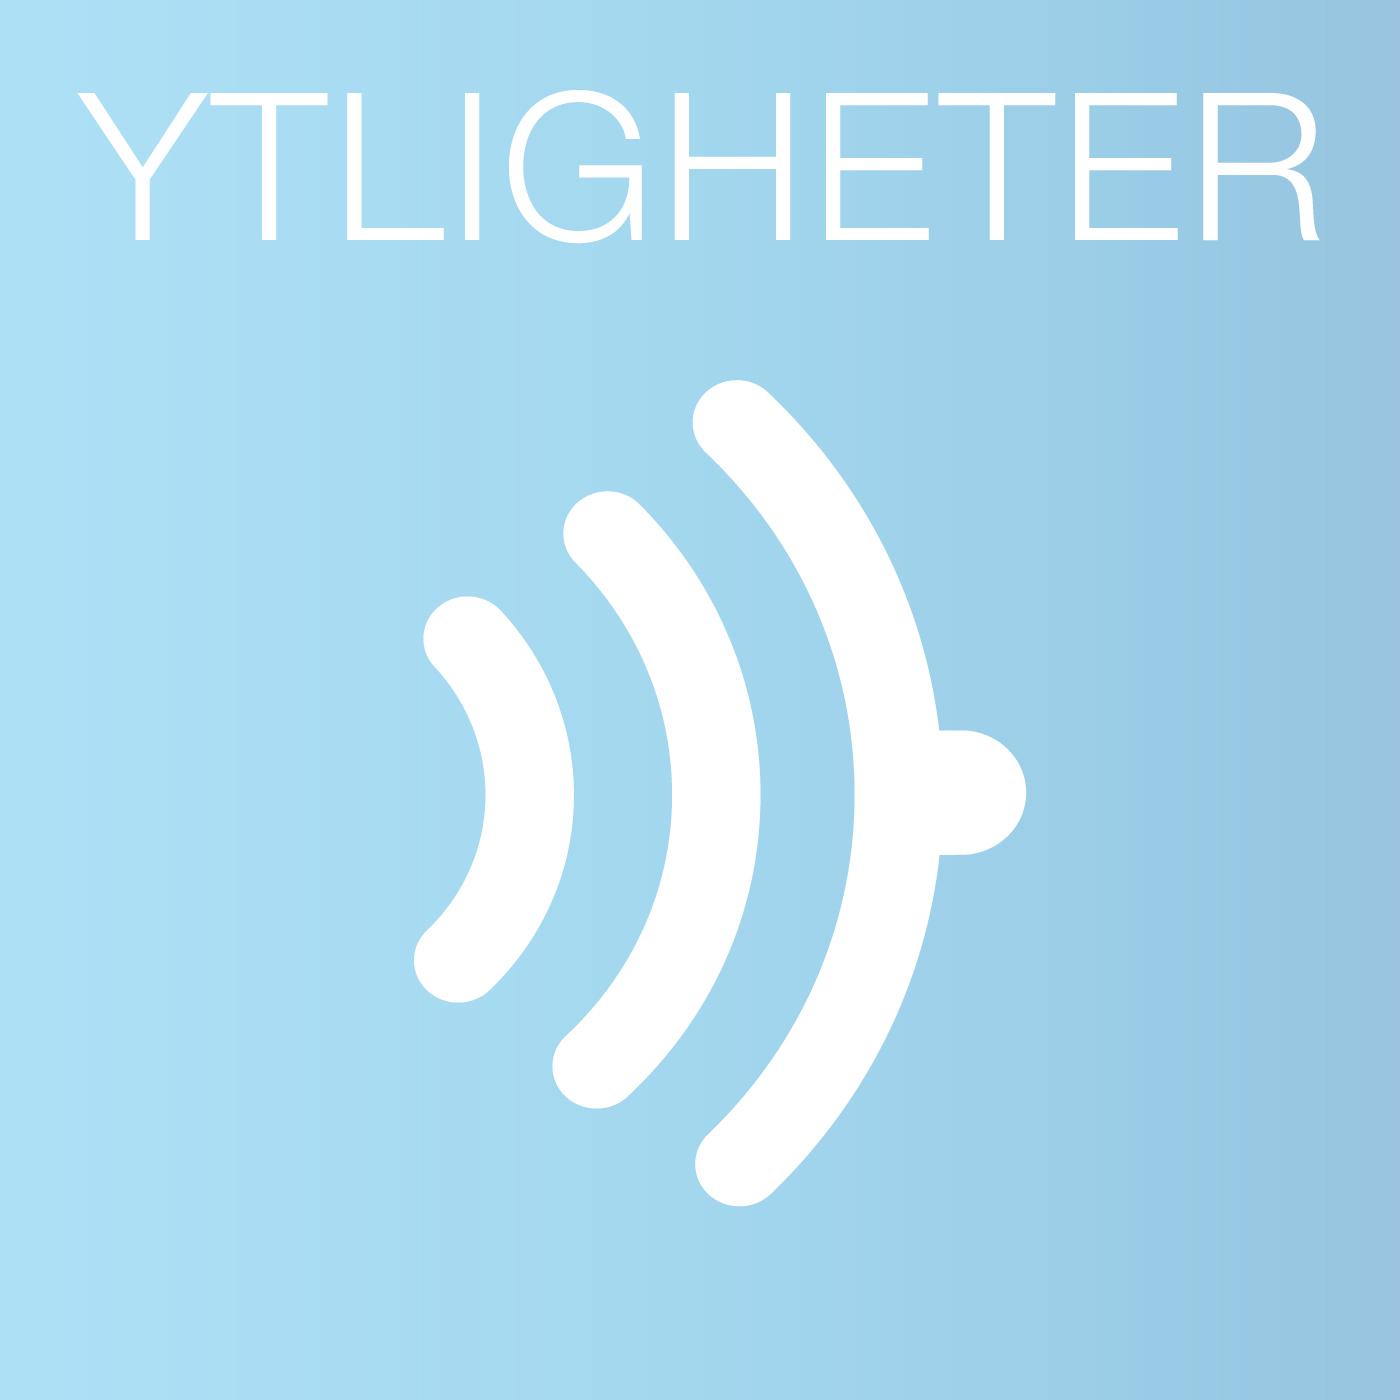 Ytligheter podcast logo